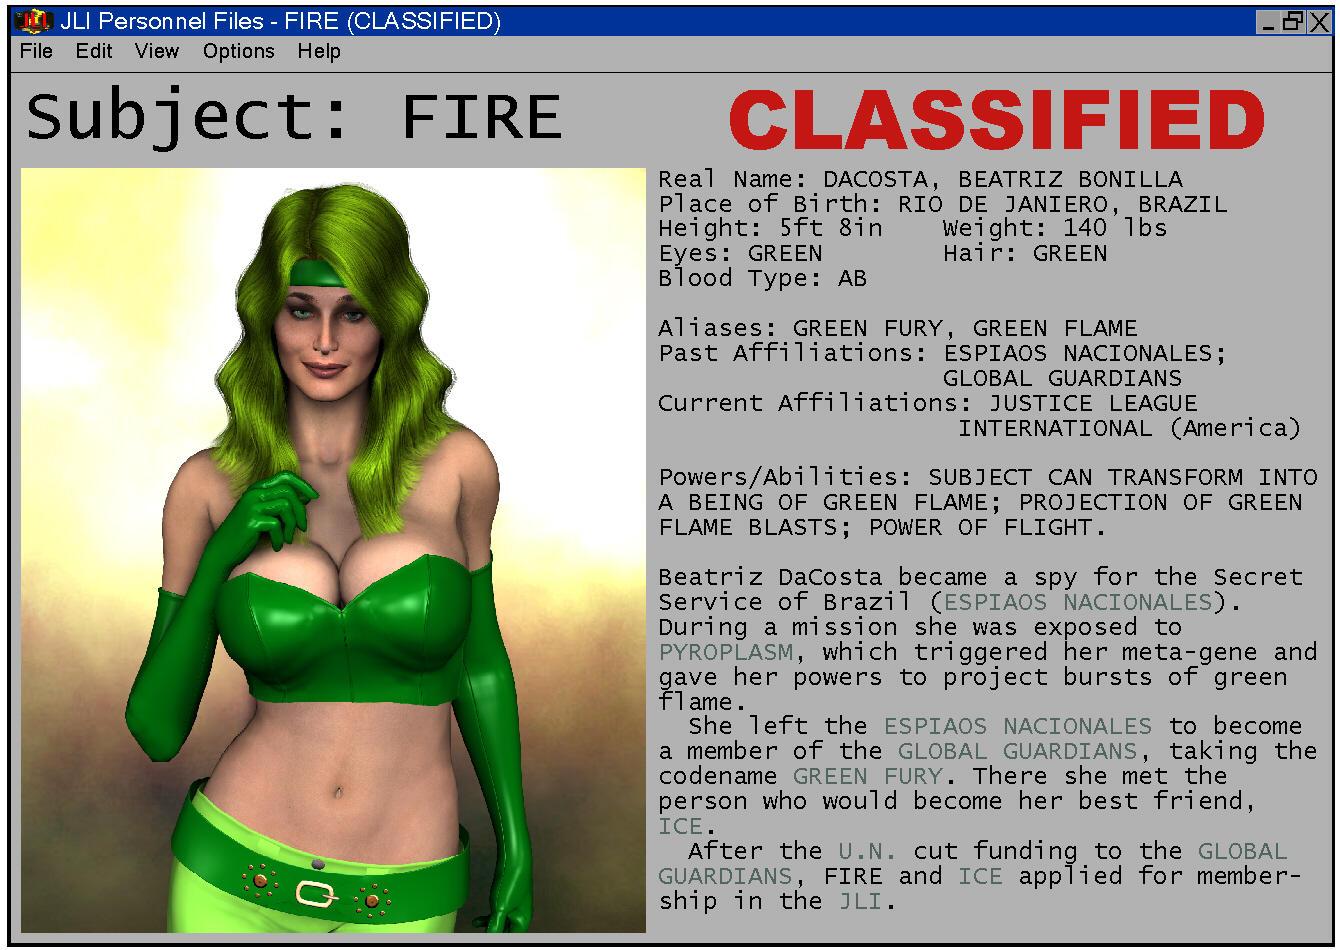 JLI Classified: FIRE